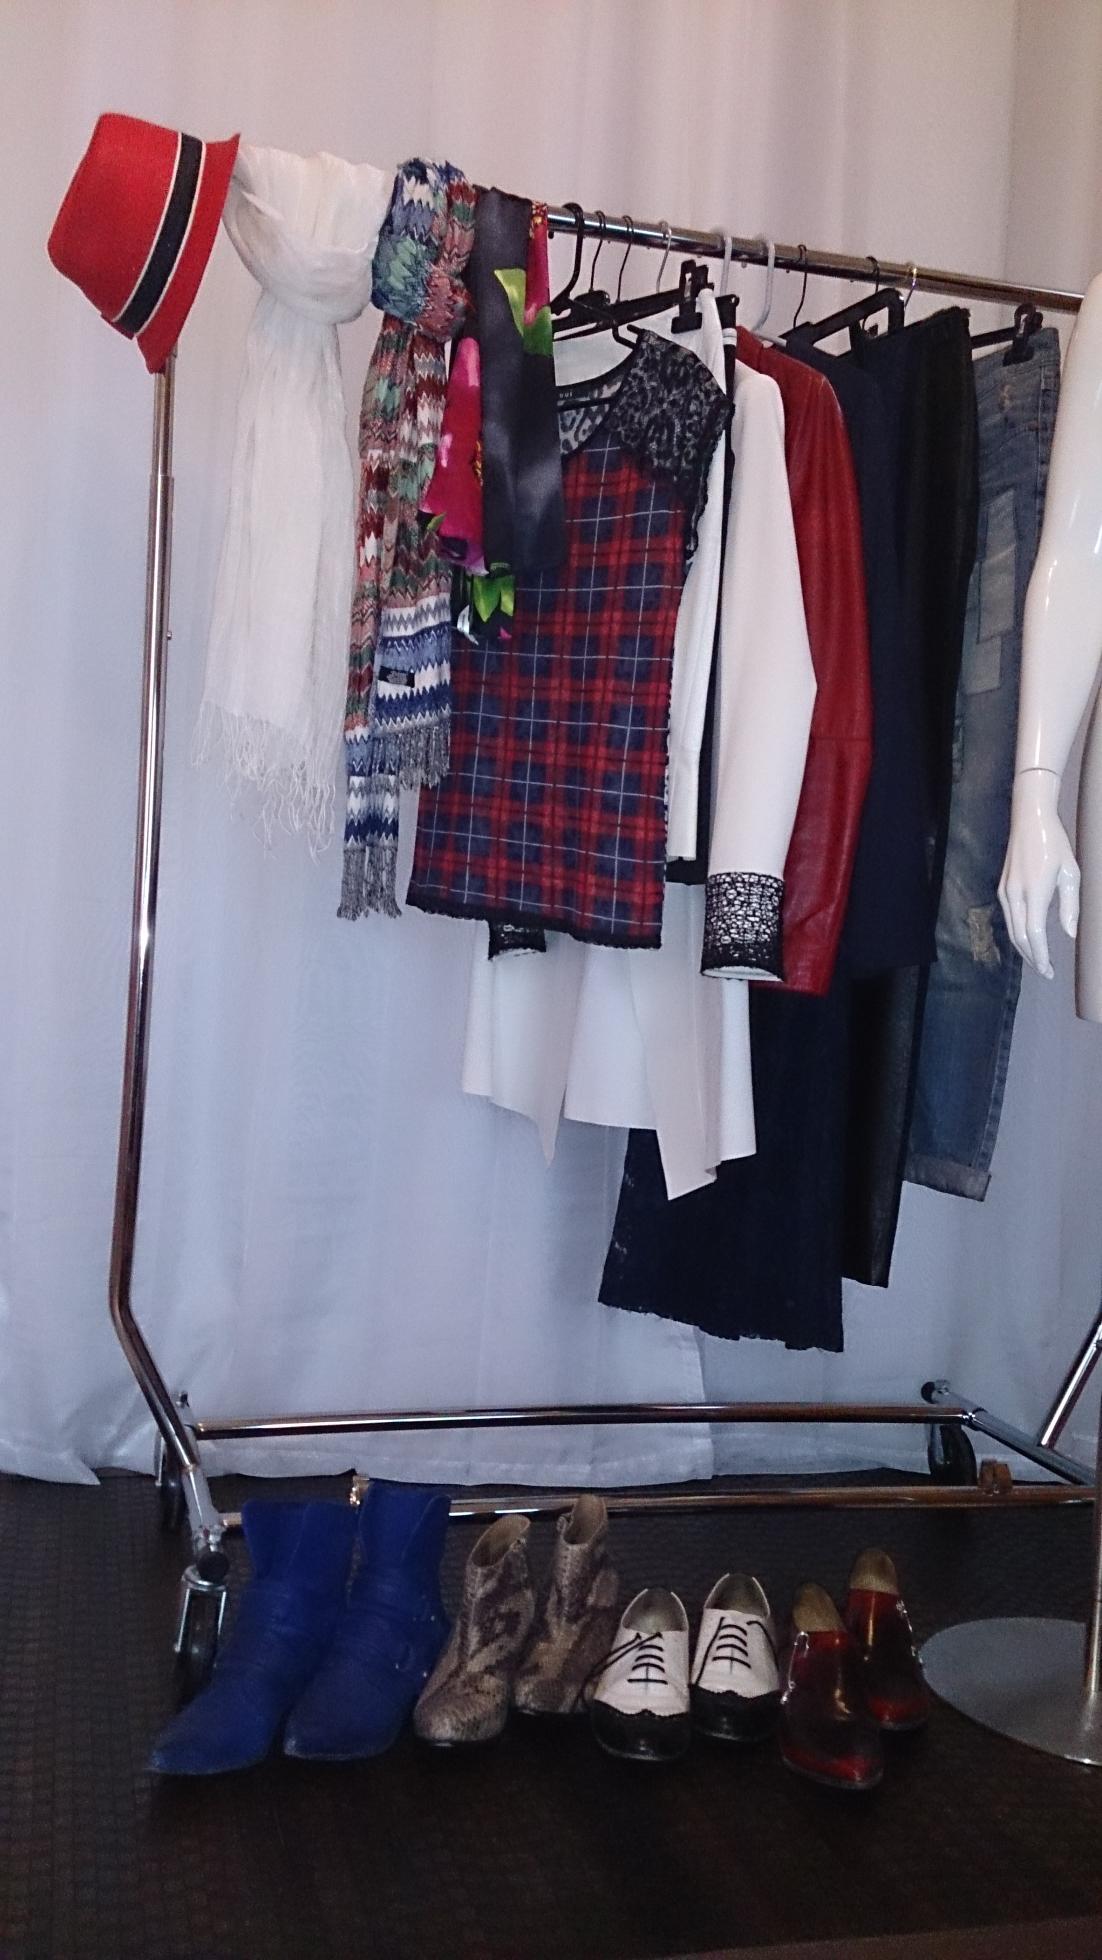 2015-04-06 One Shirt Choices 2